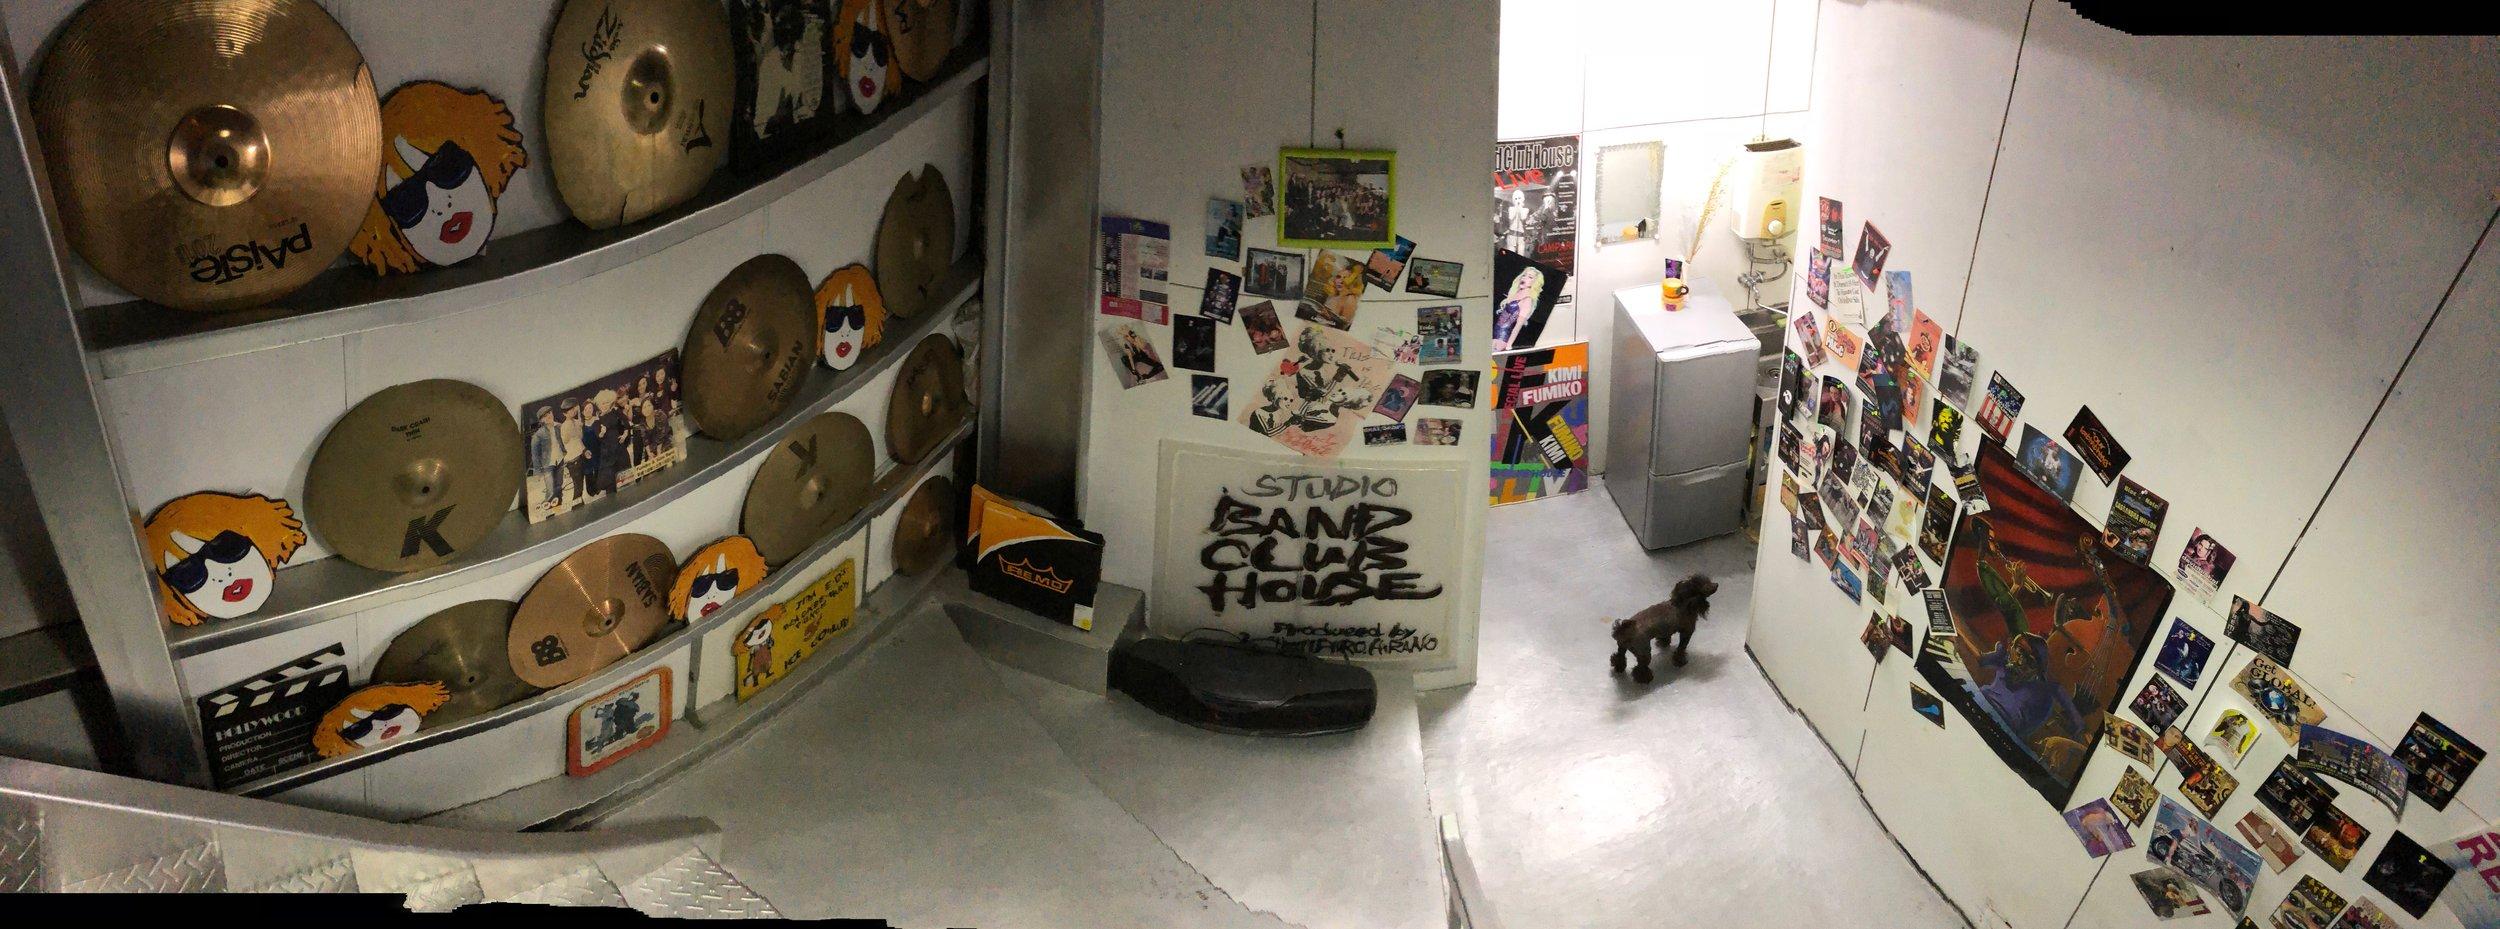 スタジオの廊下.jpg